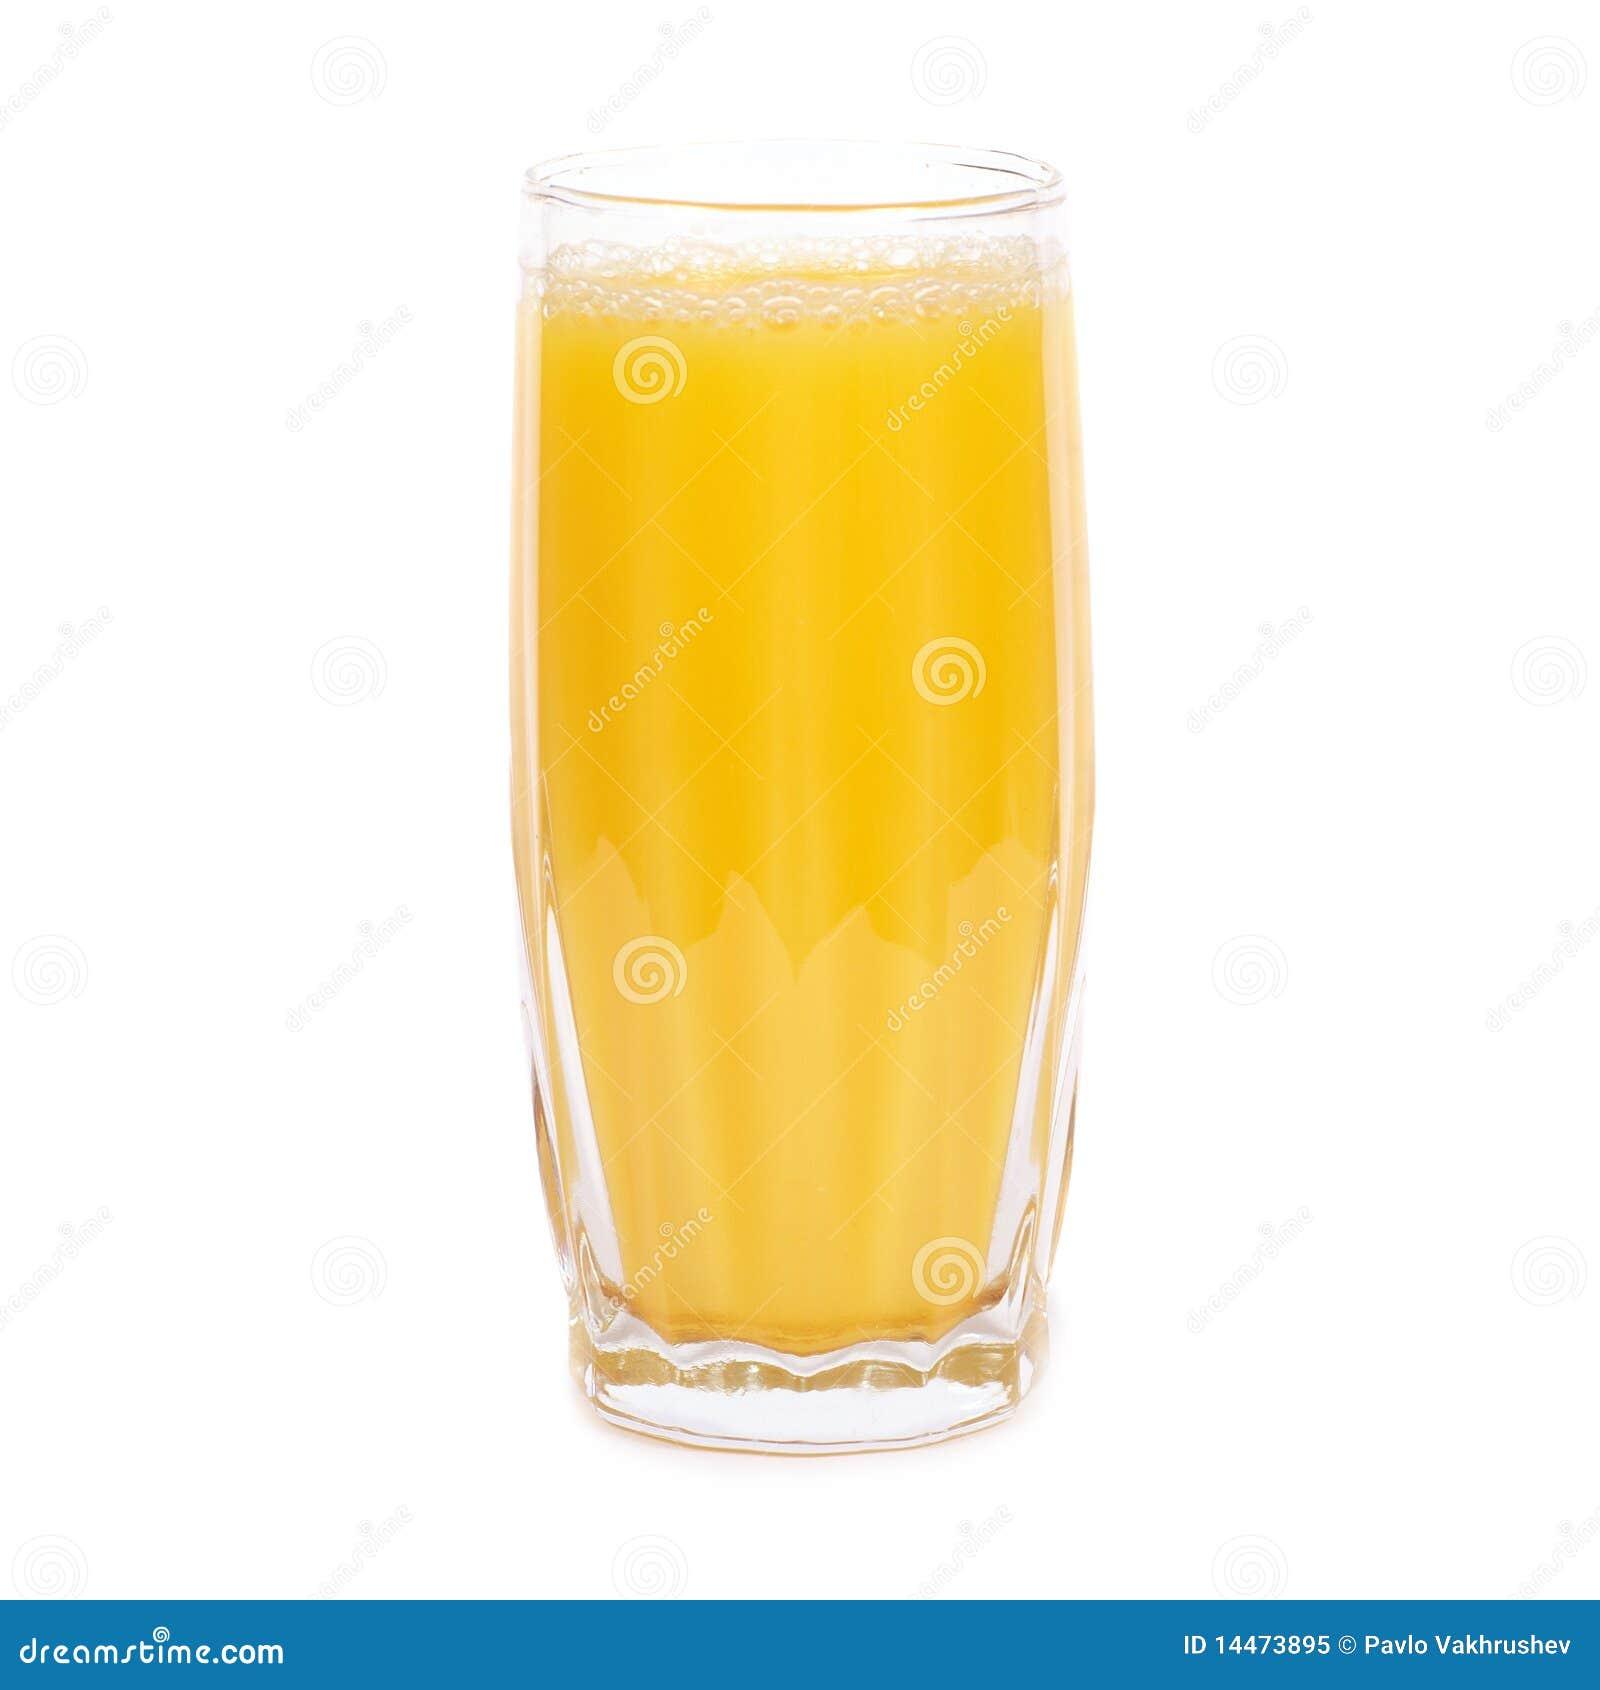 Glass Of Orange Juice Royalty Free Stock Photo - Image: 14473895